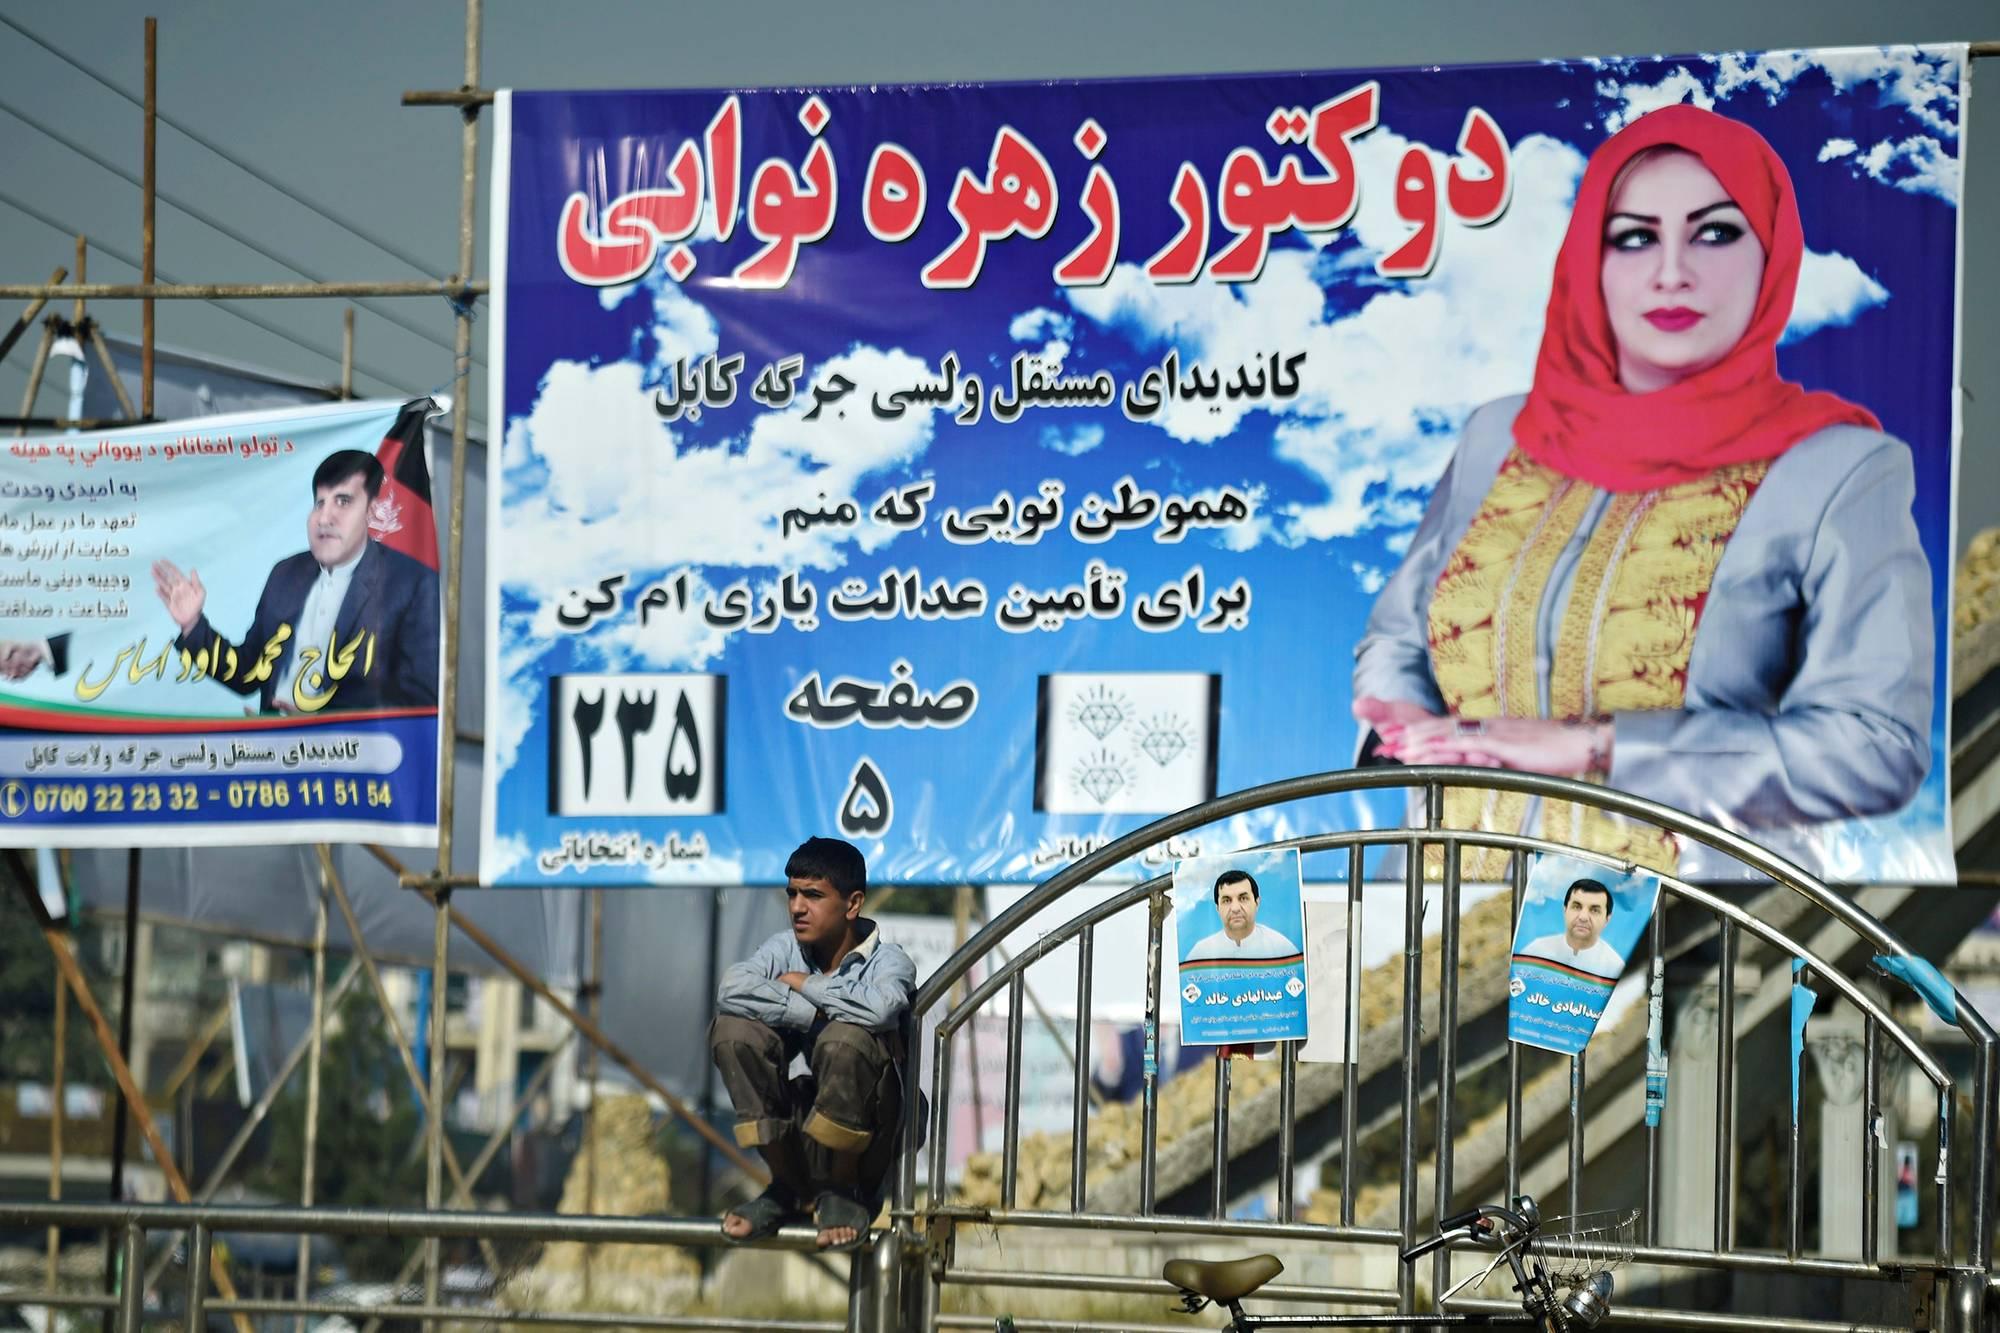 Parlamenttivaalit järjestetään 20. lokakuuta. Ehdolla on myös naisia, heidän joukossaan tohtori Zuhra Nawabi.